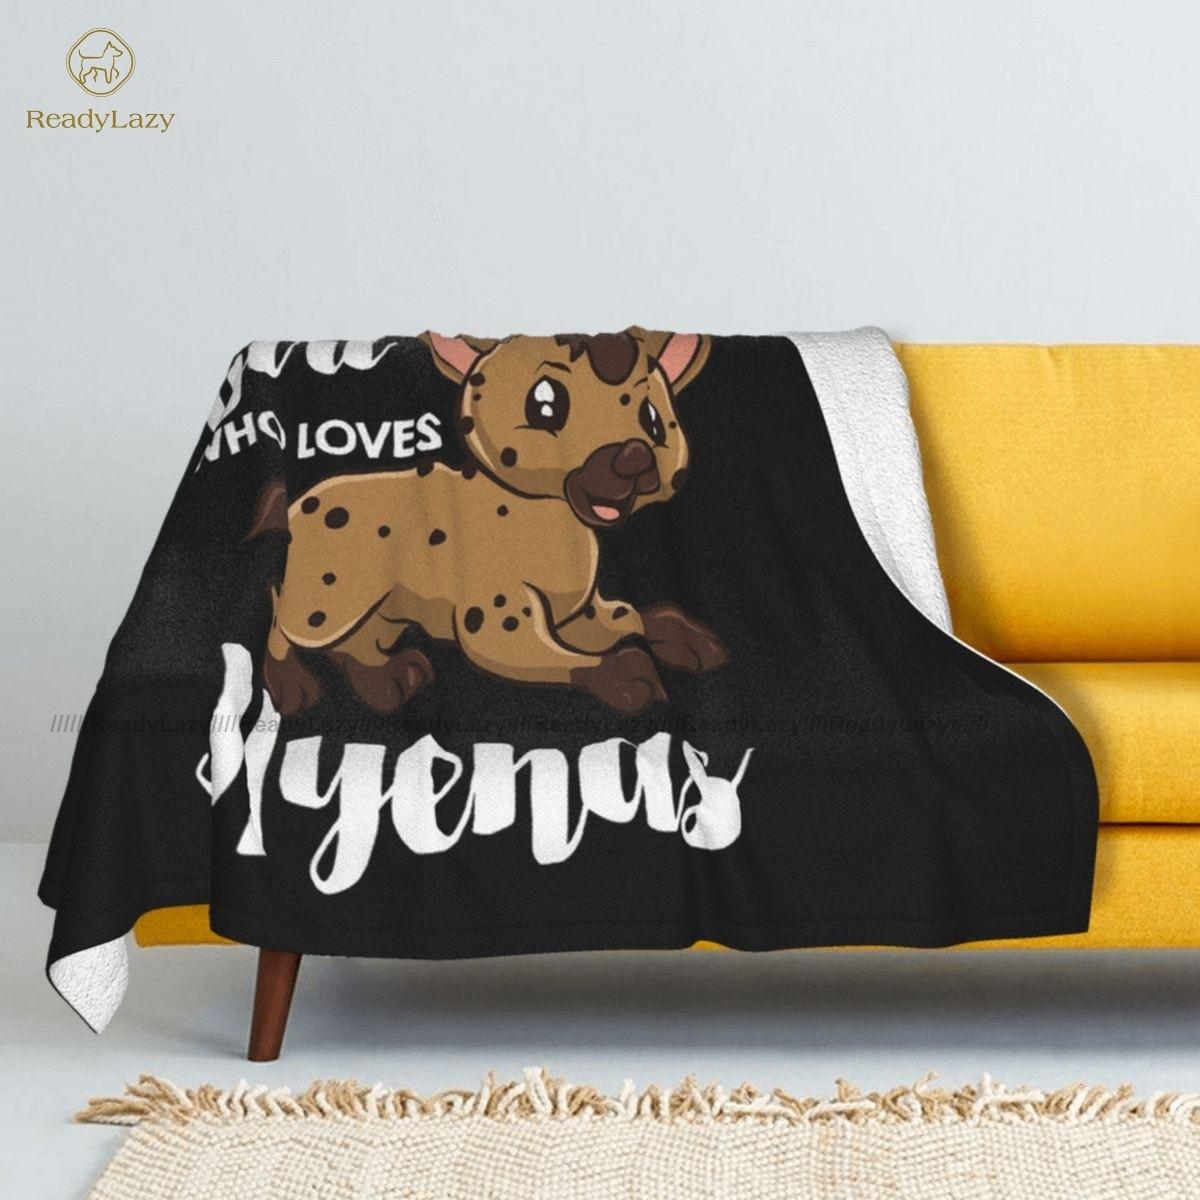 غطاء سرير من الصوف الضبع ، غطاء سرير مزخرف رخيص ، شيربا في جميع الأحوال الجوية ، بطانية ناعمة